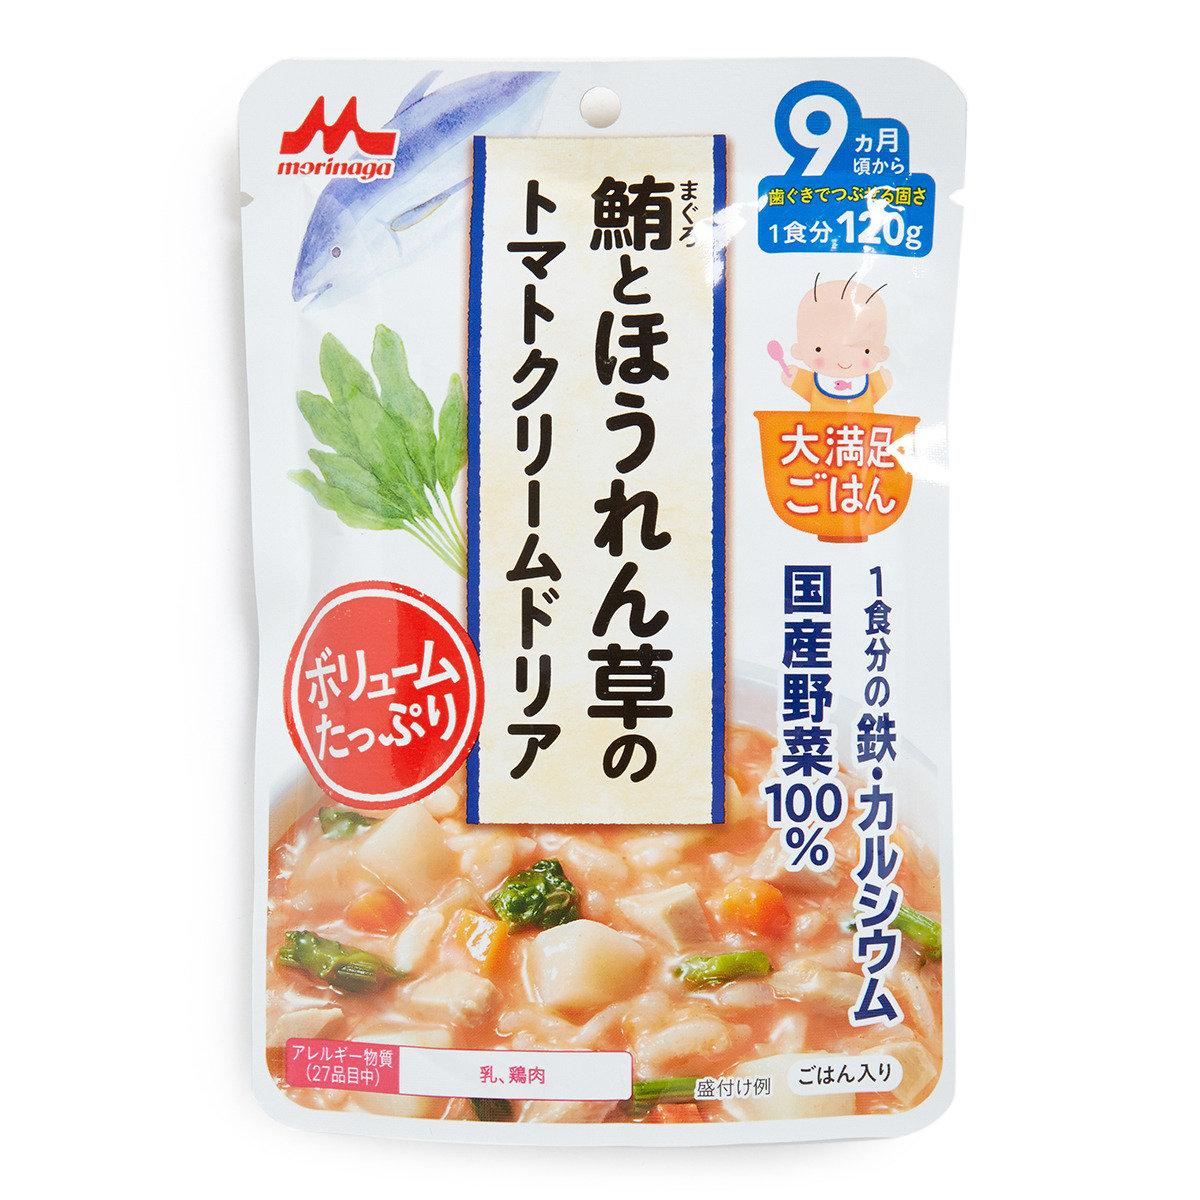 吞拿魚菠菜番茄忌廉意大利燴飯